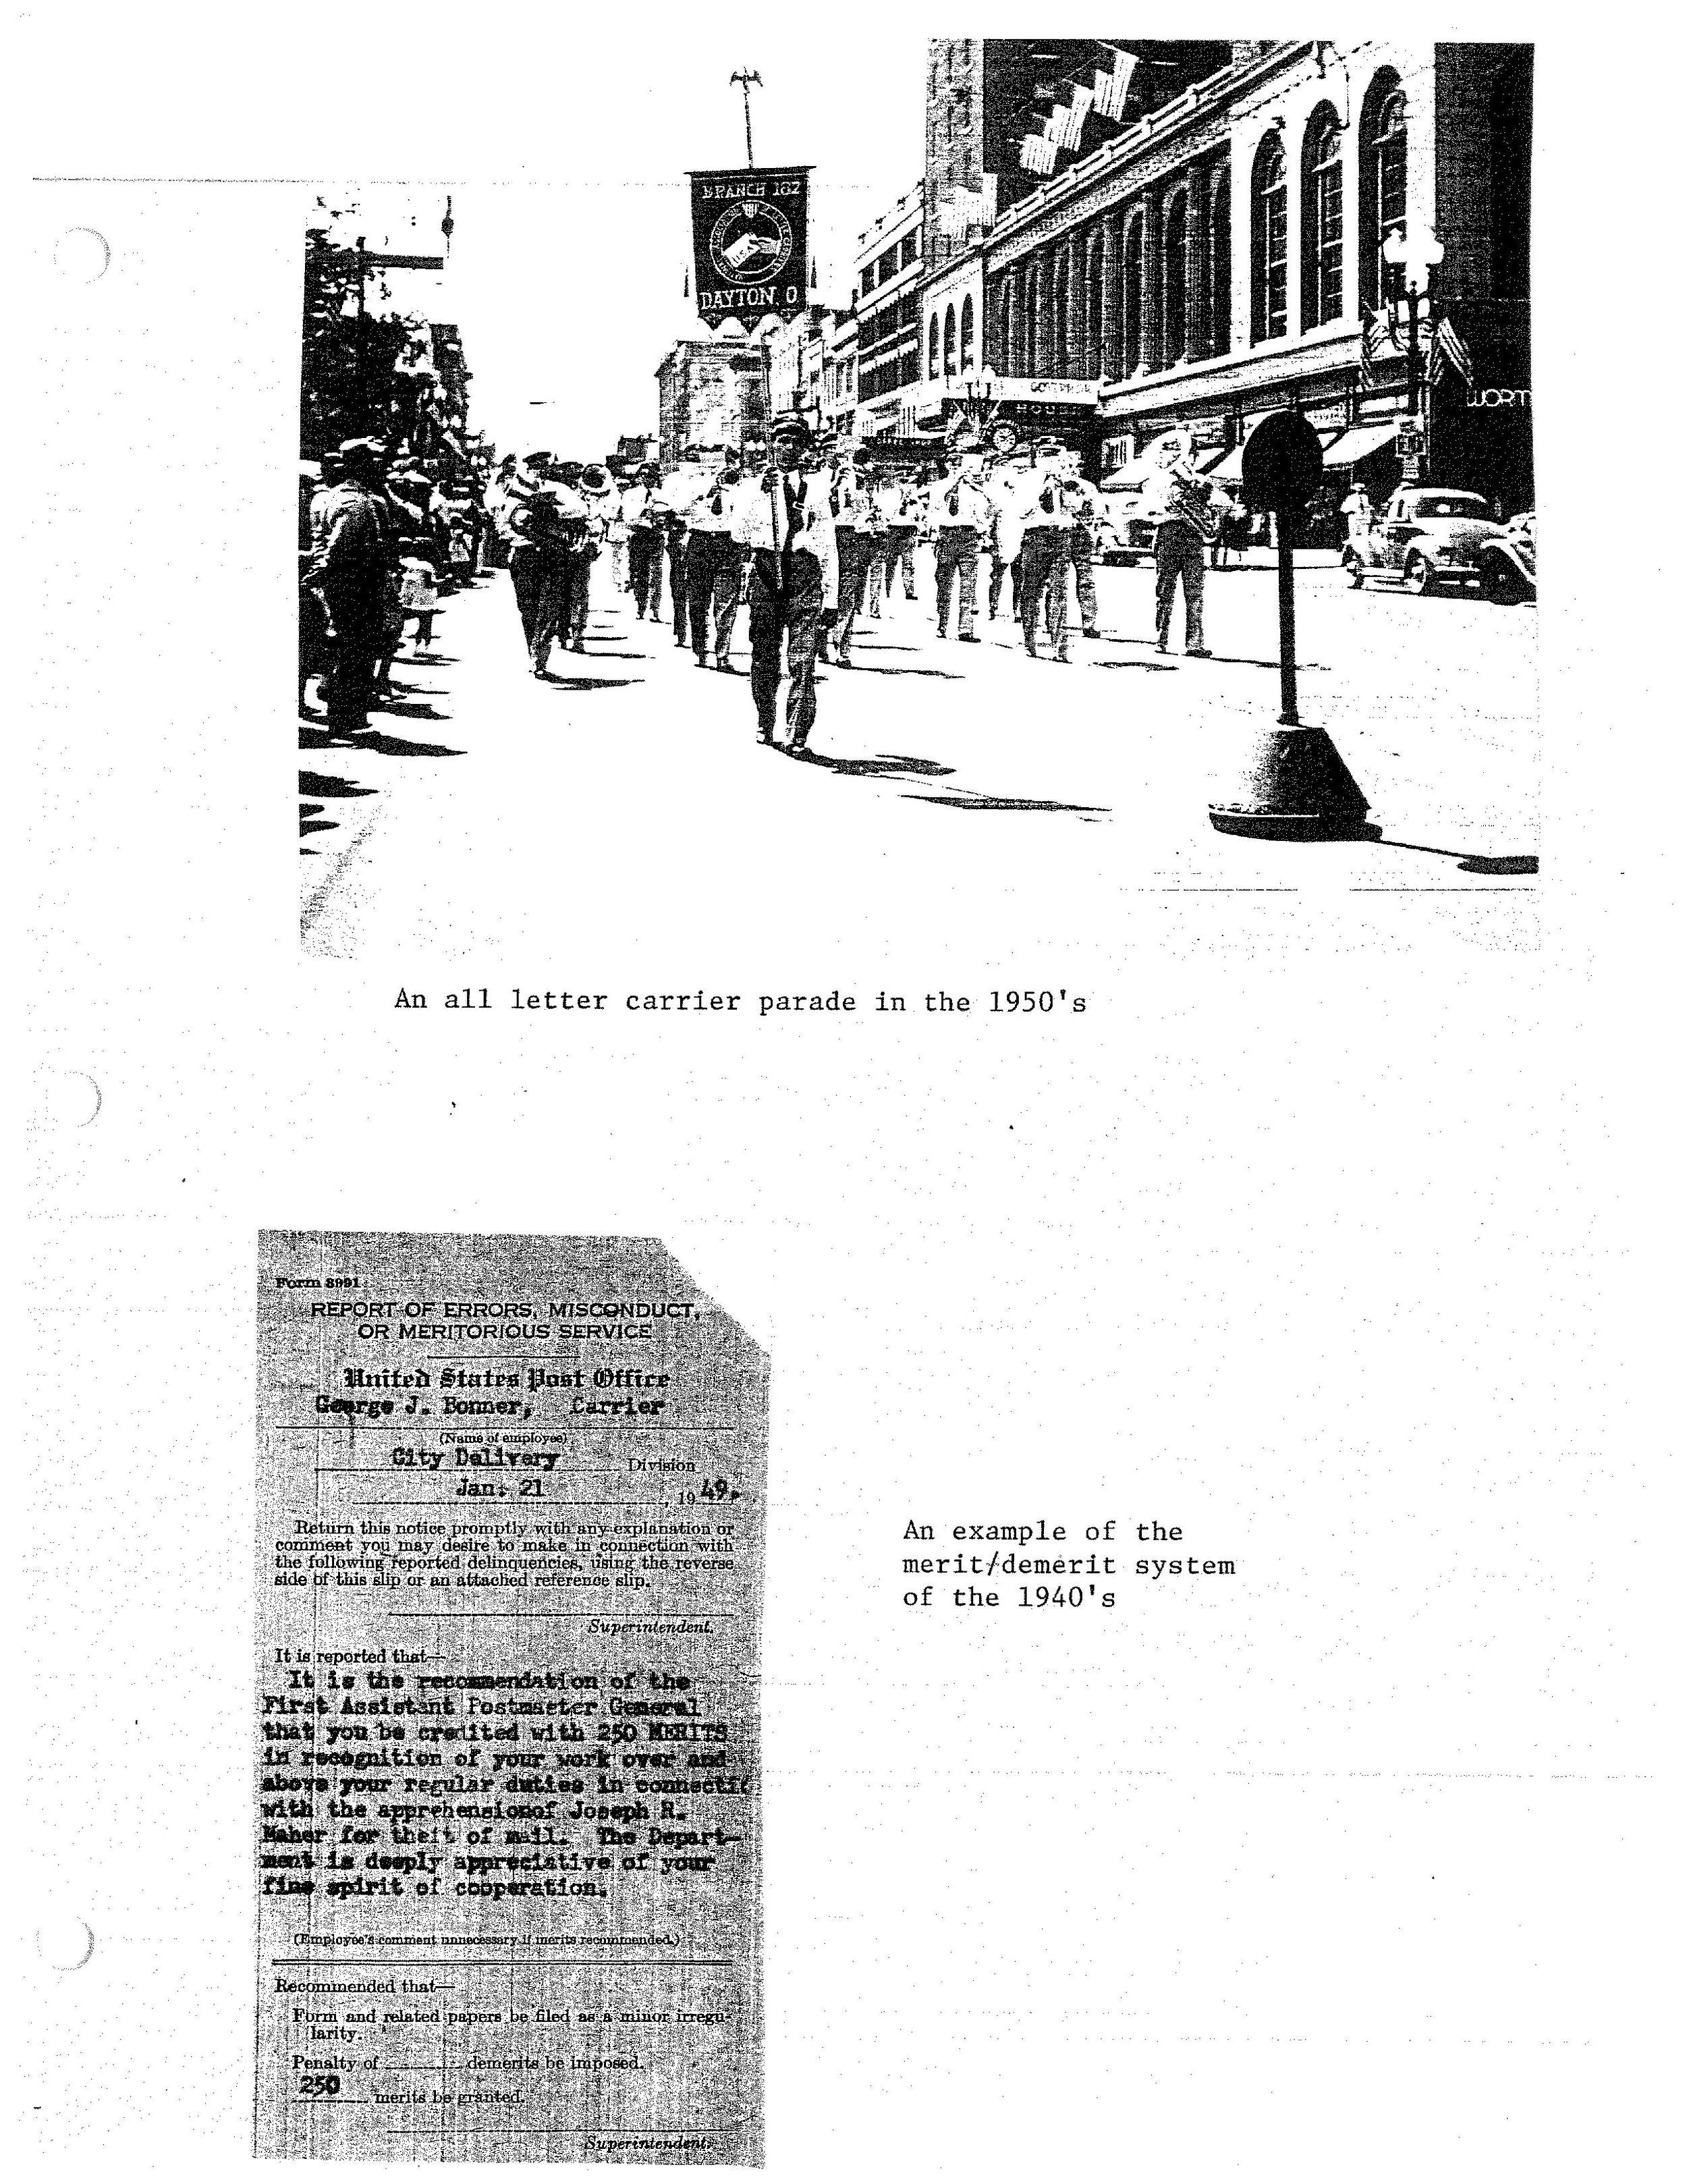 branch 78 history page-0011.jpg